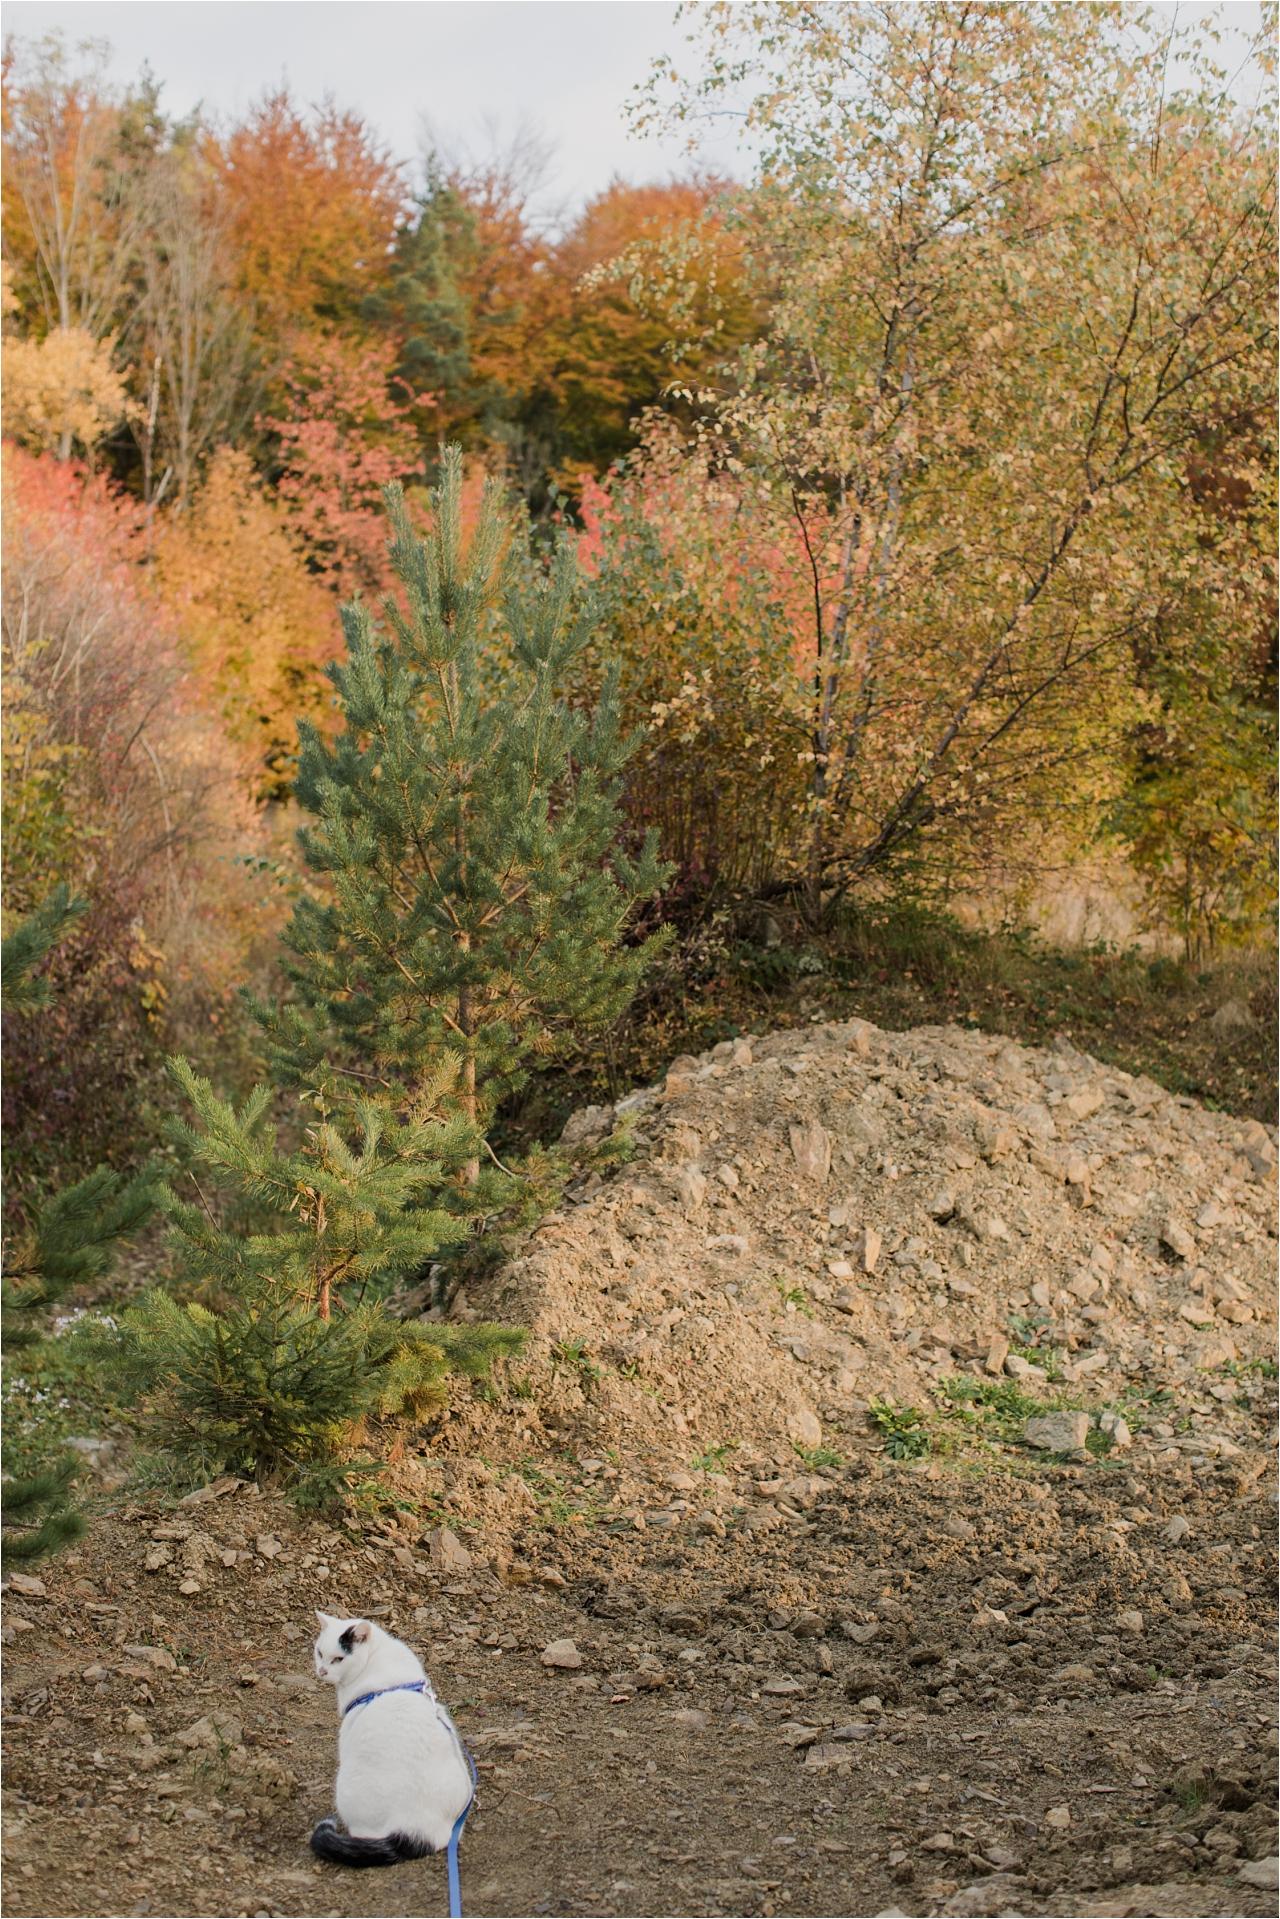 jesień wgórach, sesje fotogaficzne jesienne, kolory jesieni, kot naspacerze